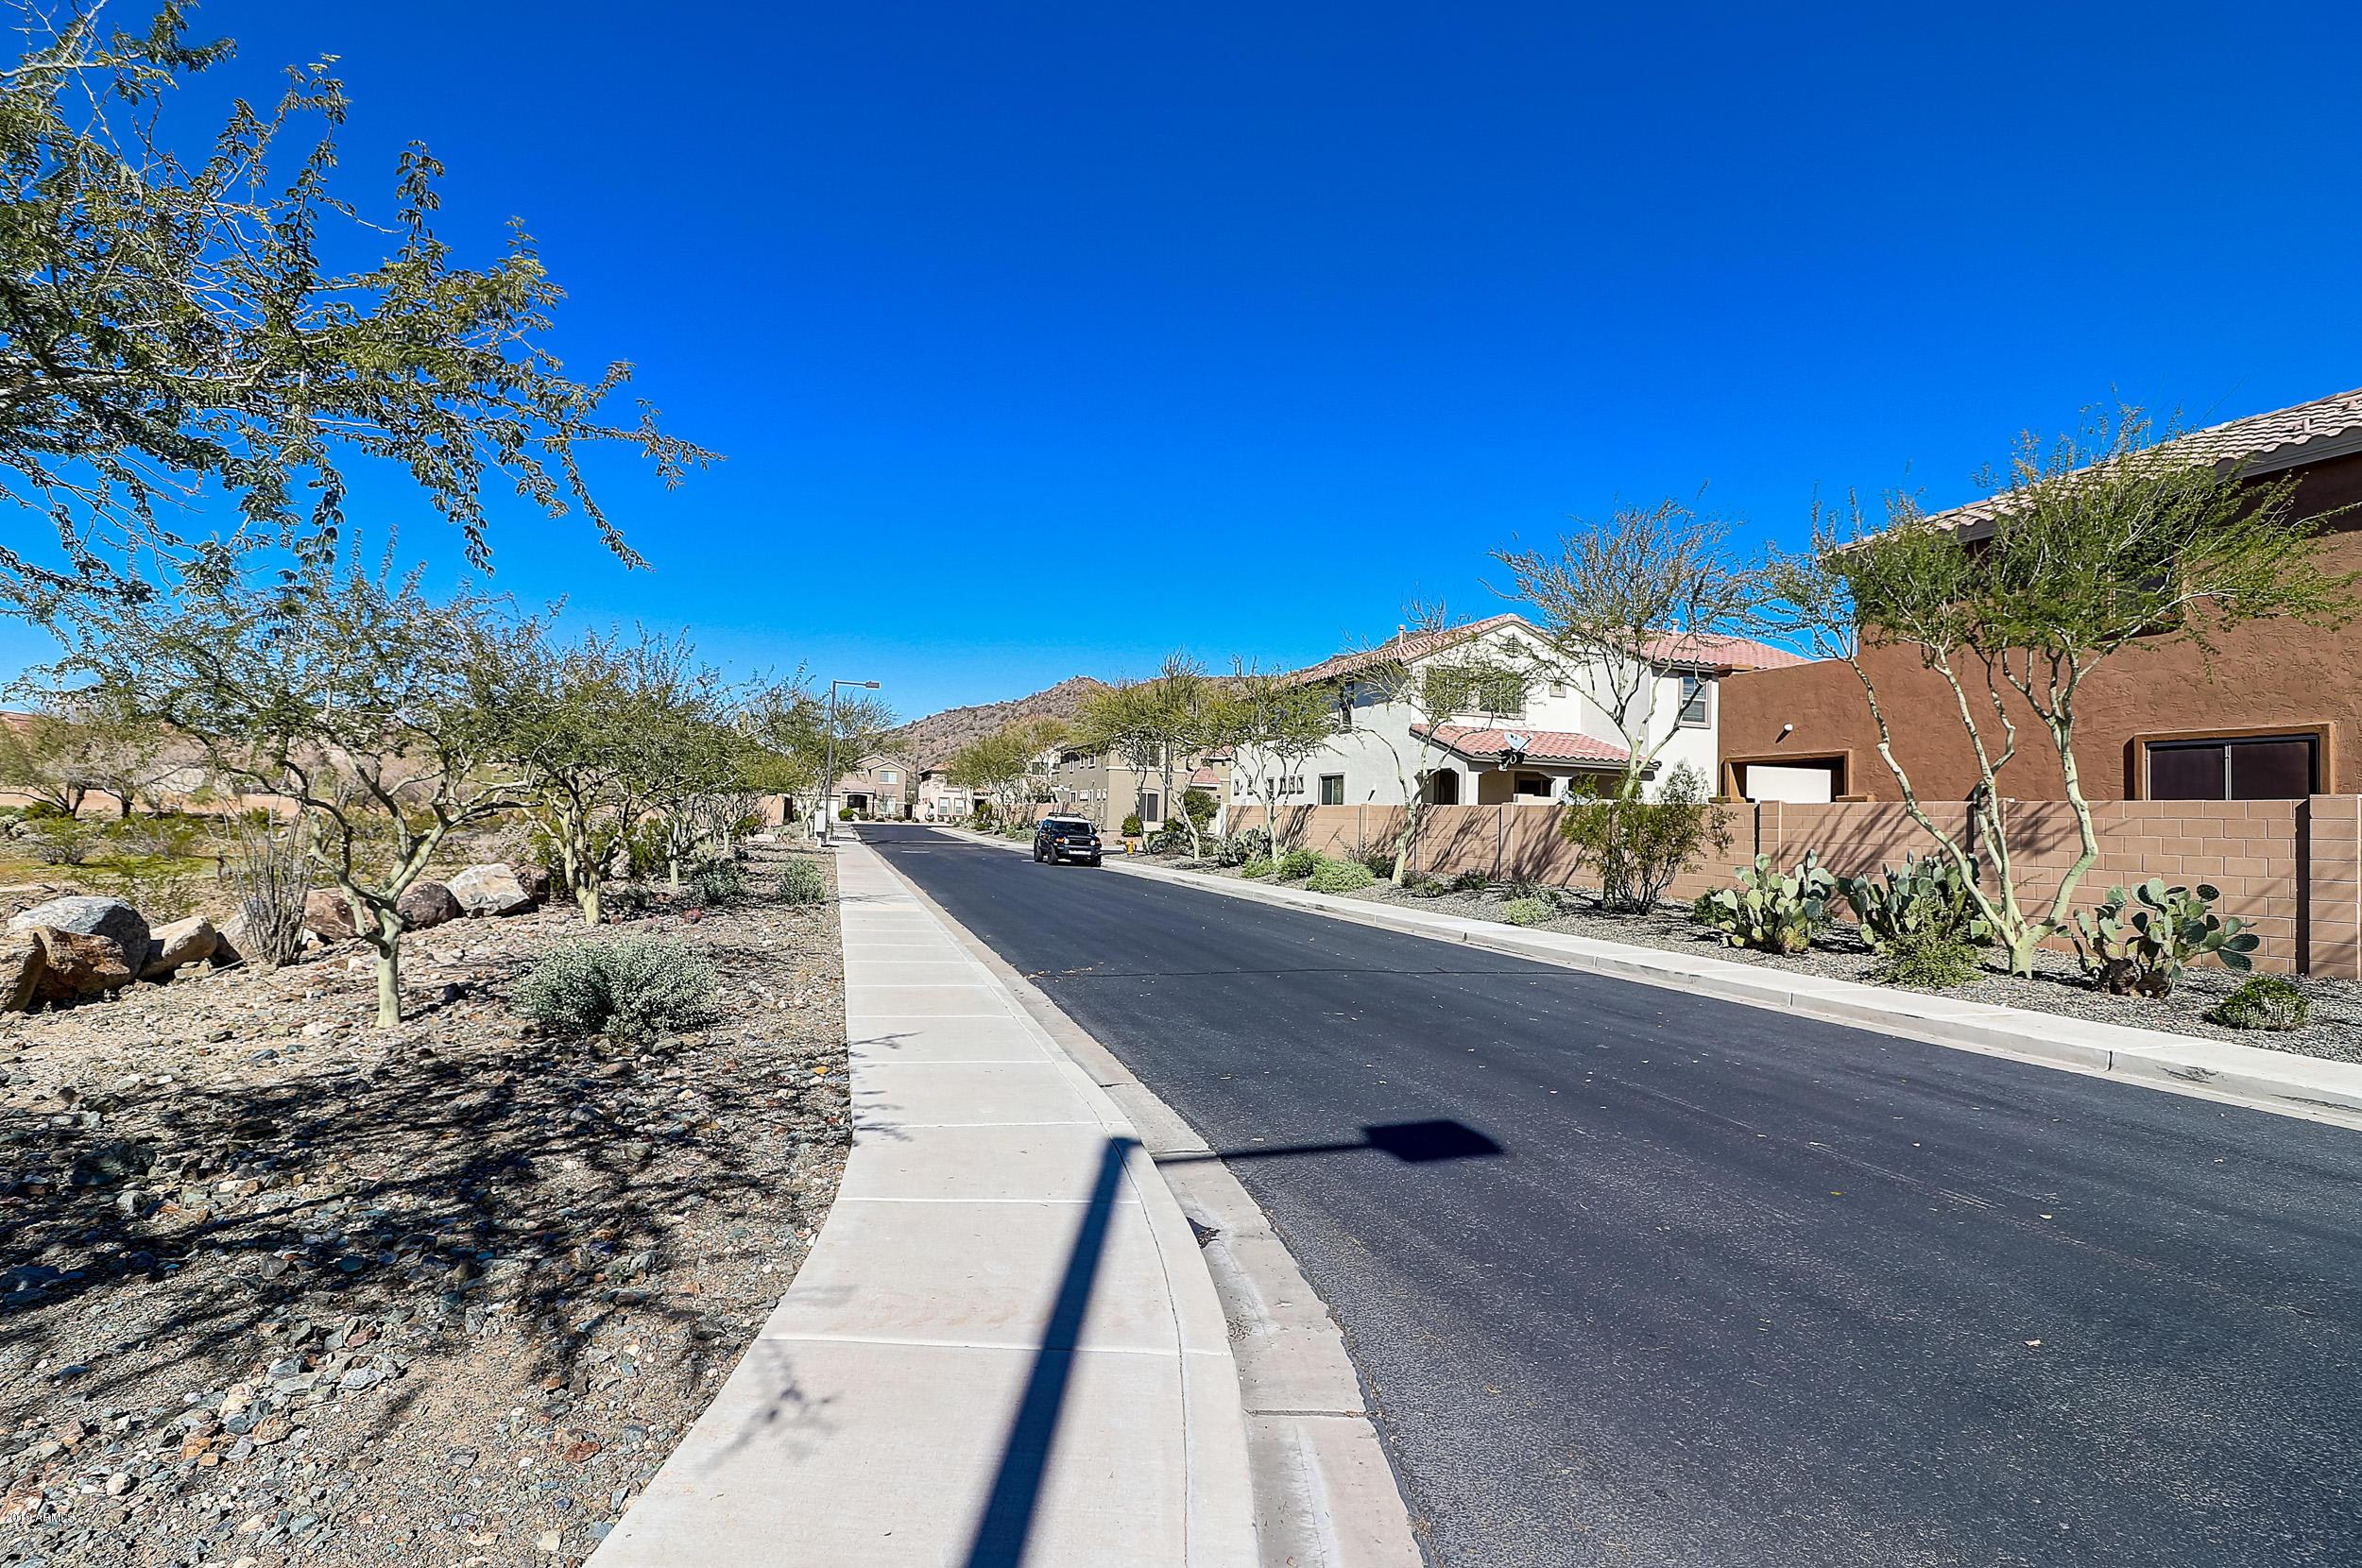 MLS 5880315 7446 W MONTGOMERY Road, Peoria, AZ 85383 Peoria AZ Sonoran Mountain Ranch